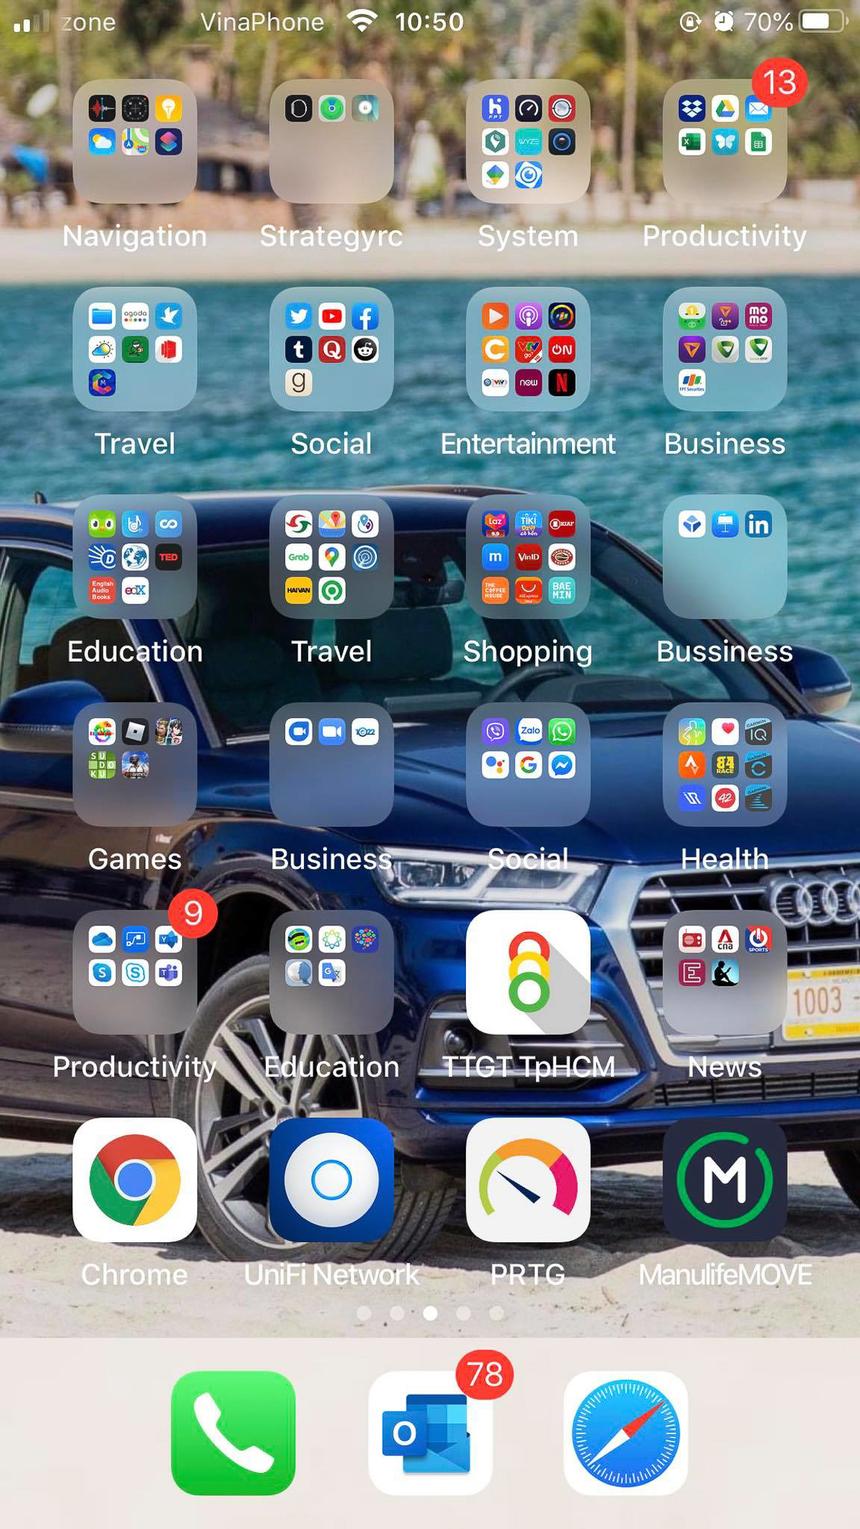 """Bức ảnh khá """"hack não"""" của anh Nguyễn Khang - FPT Services, màn hình điện thoại với con số 9 và 13 hiện trên số thông báo của 2 nhóm ứng dụng."""